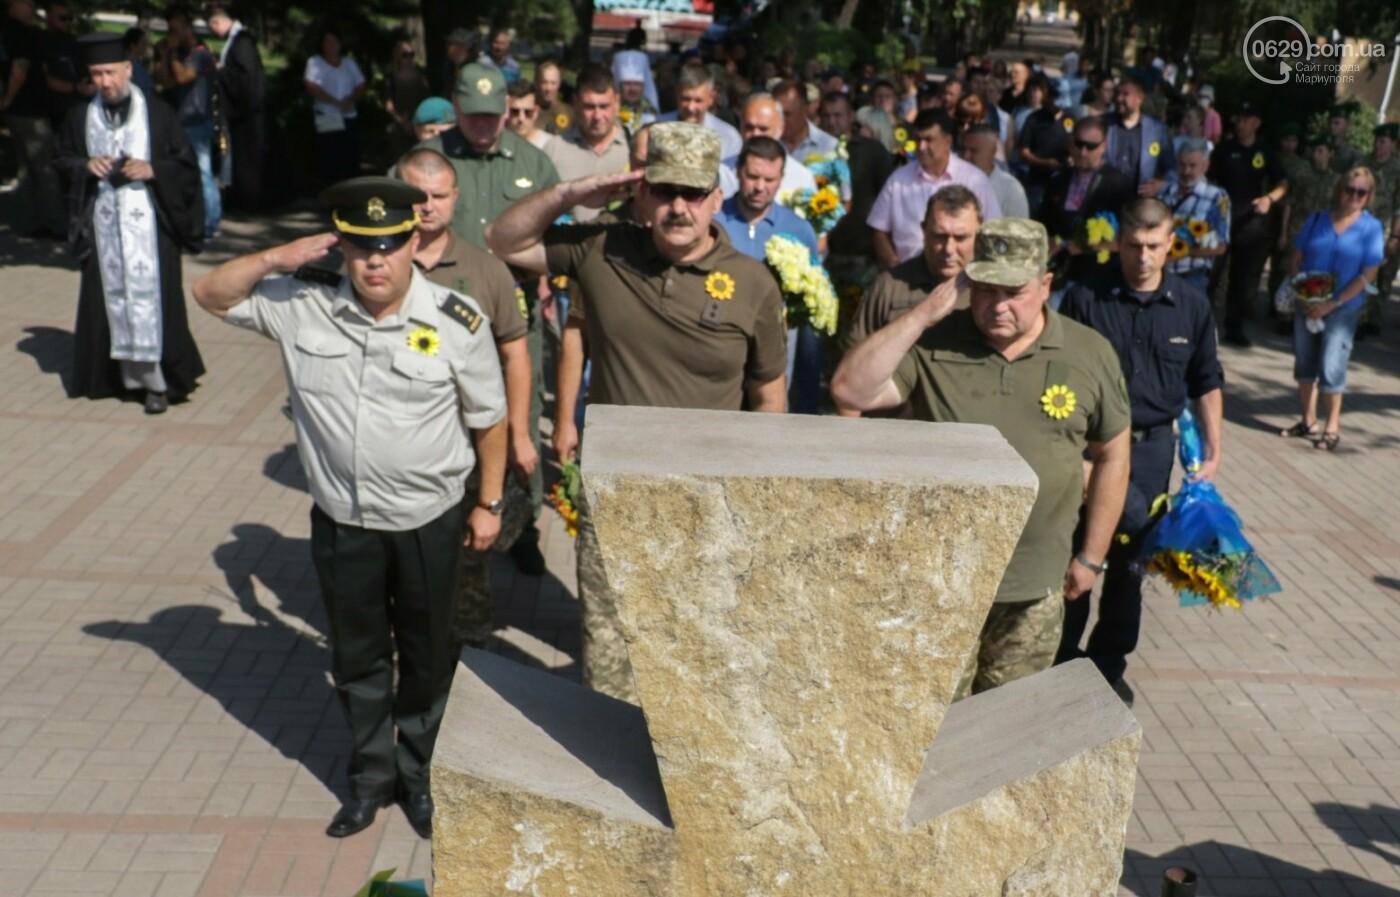 Общенациональная минута молчания. Как в Мариуполе почтили память защитников Украины, - ФОТОРЕПОРТАЖ, фото-7